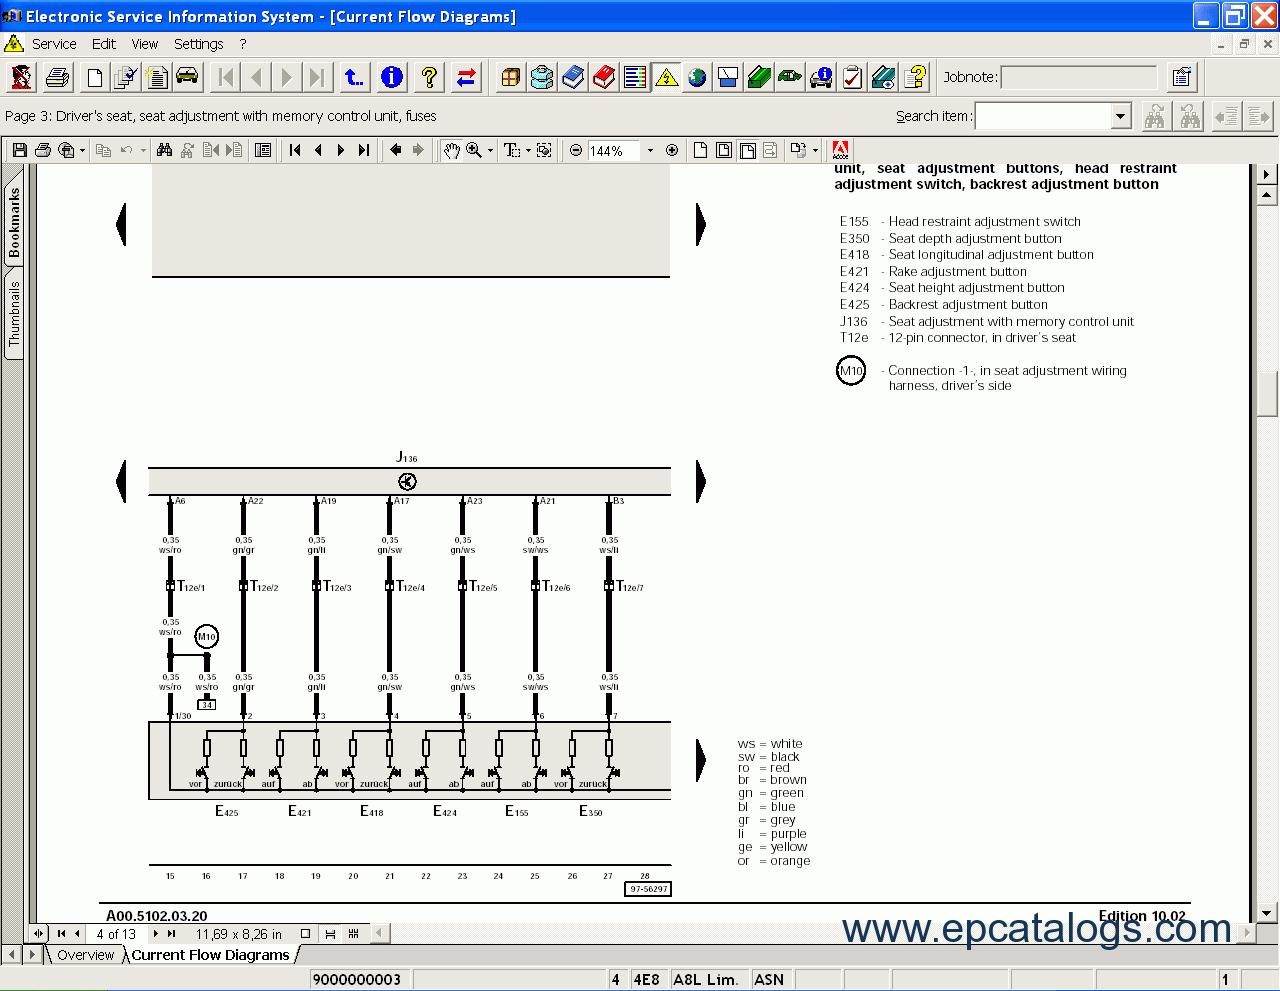 Elsa 3 9 Volkswagen Electronic Service Information System